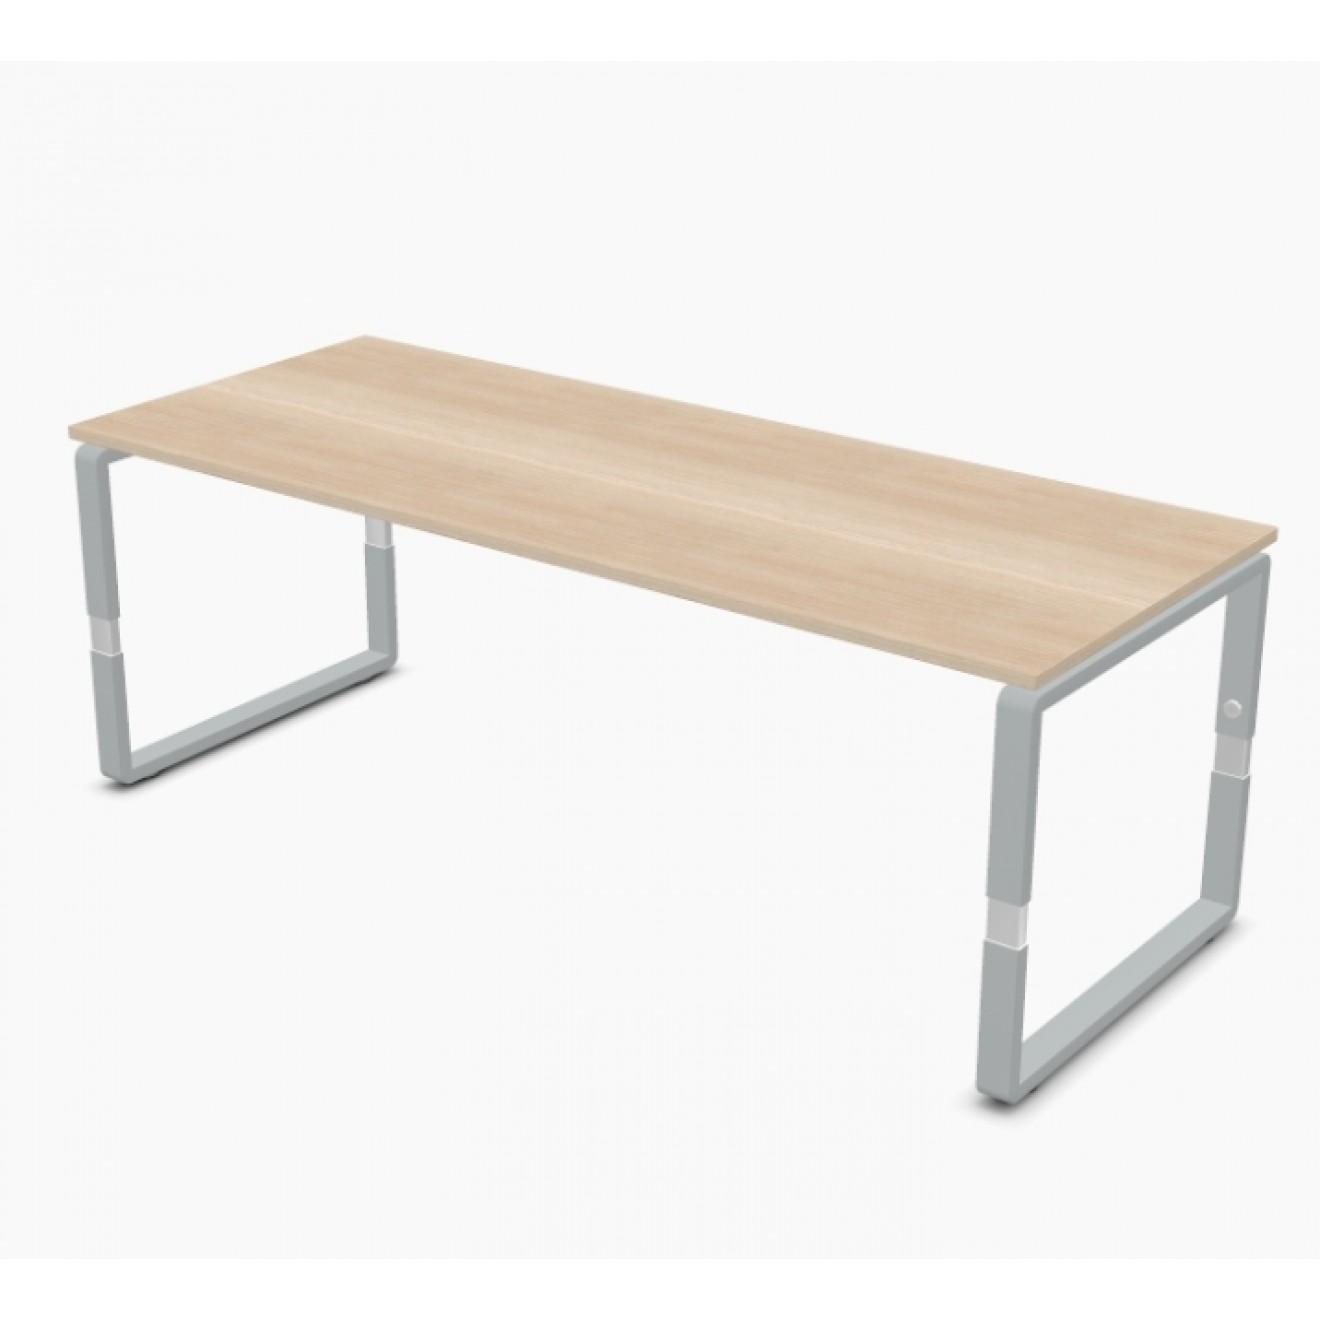 schreibtisch palmberg pensum wange 200 x 80 x 65 82 cm. Black Bedroom Furniture Sets. Home Design Ideas